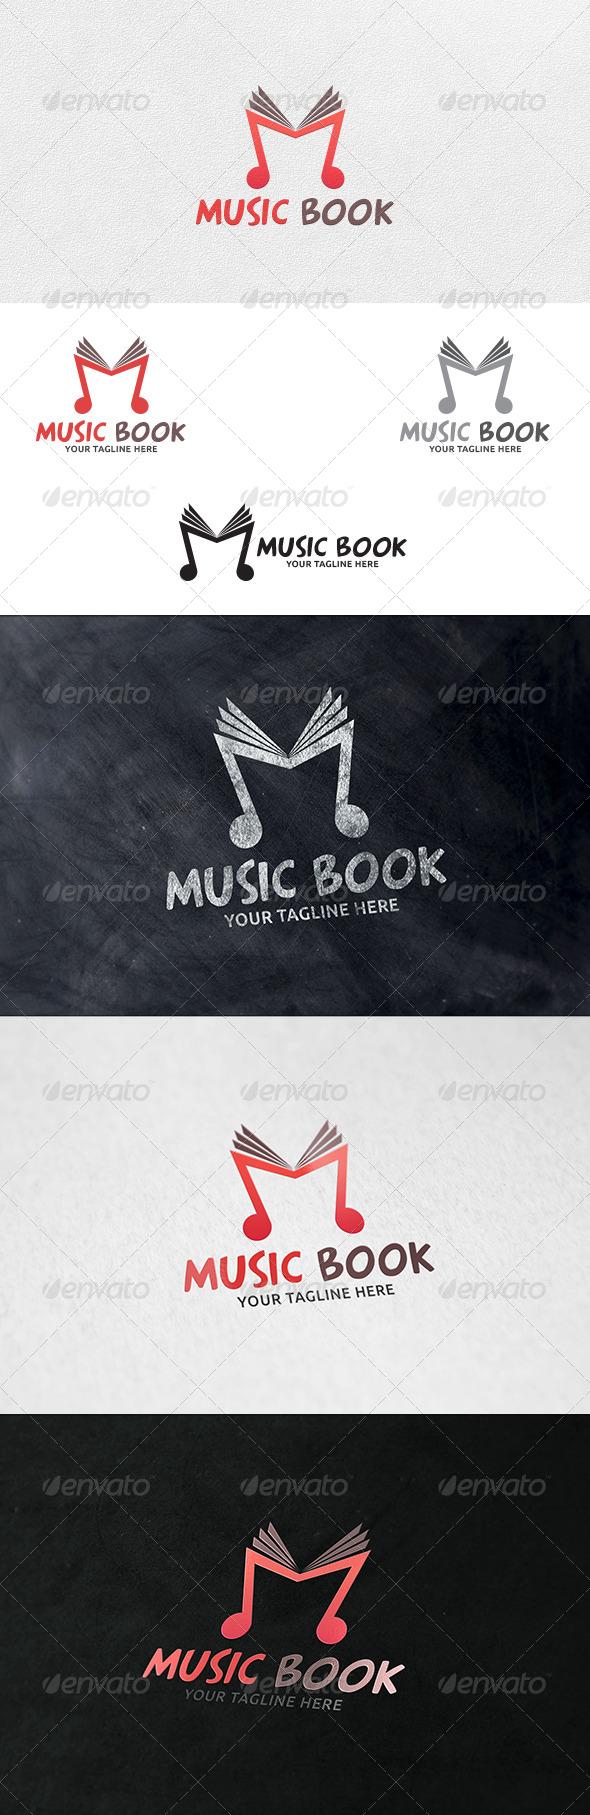 GraphicRiver Music Book Logo Template 6335537